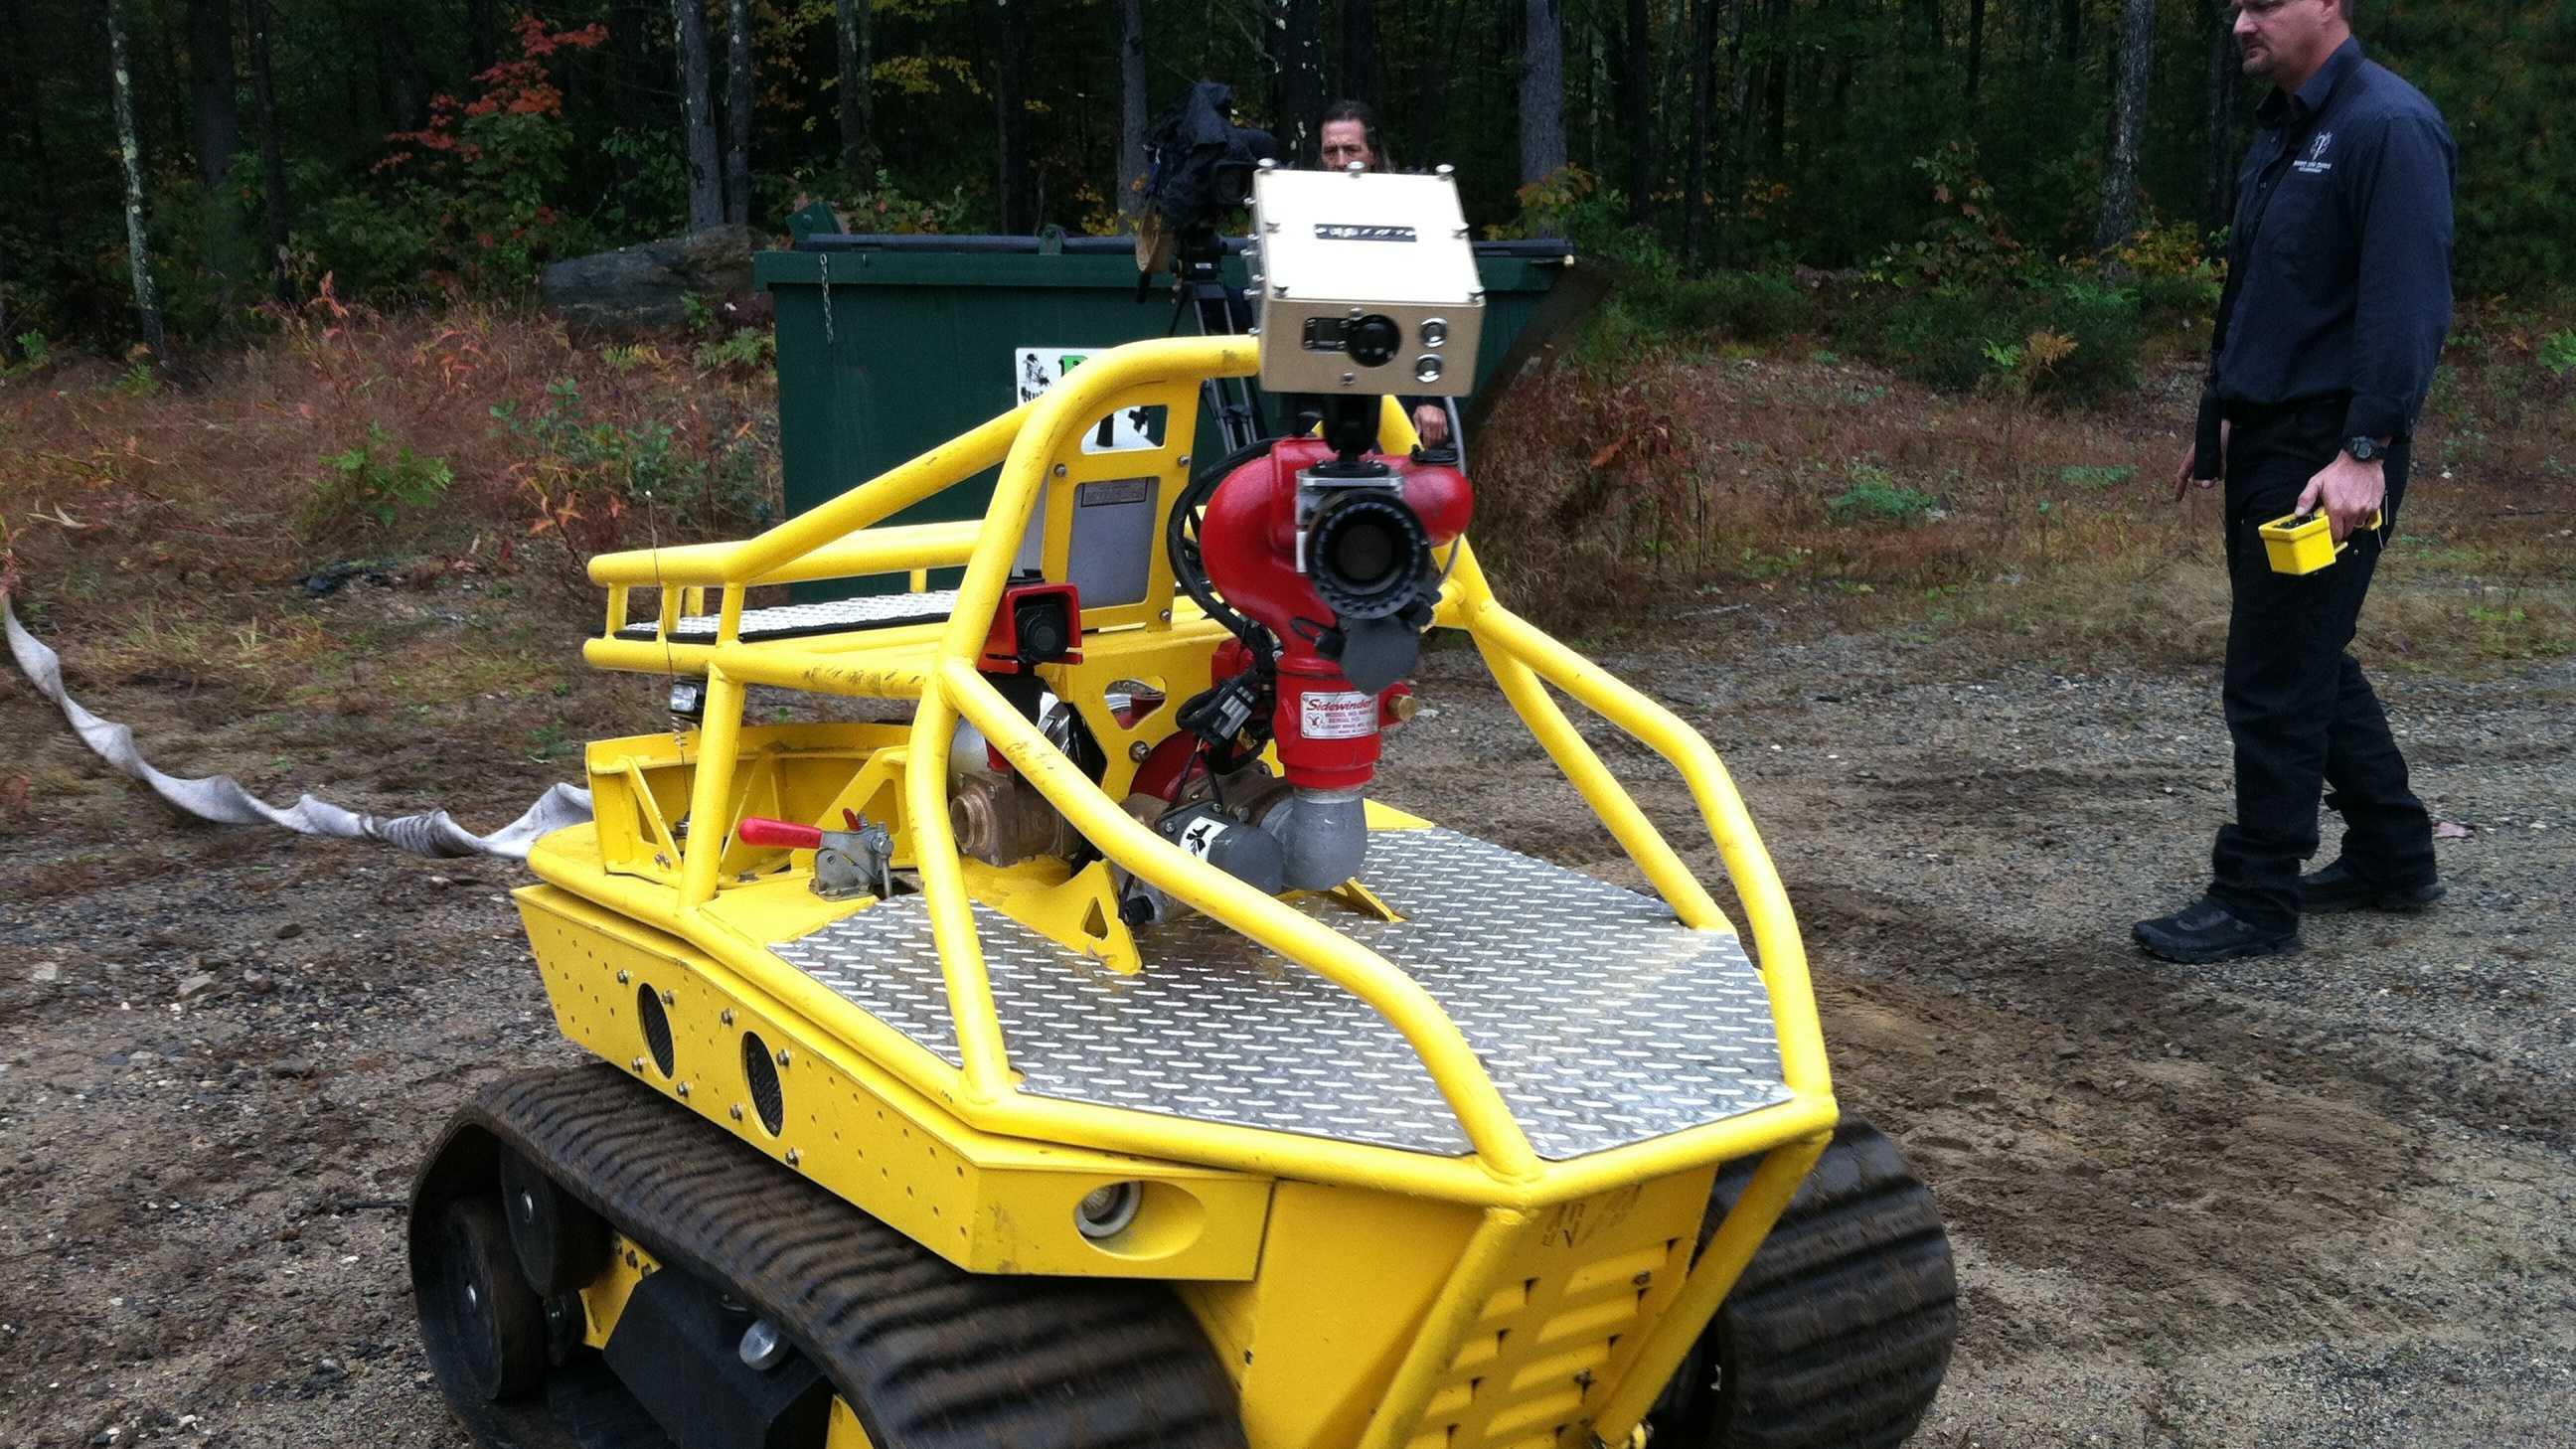 Firefighting robot 3.JPG